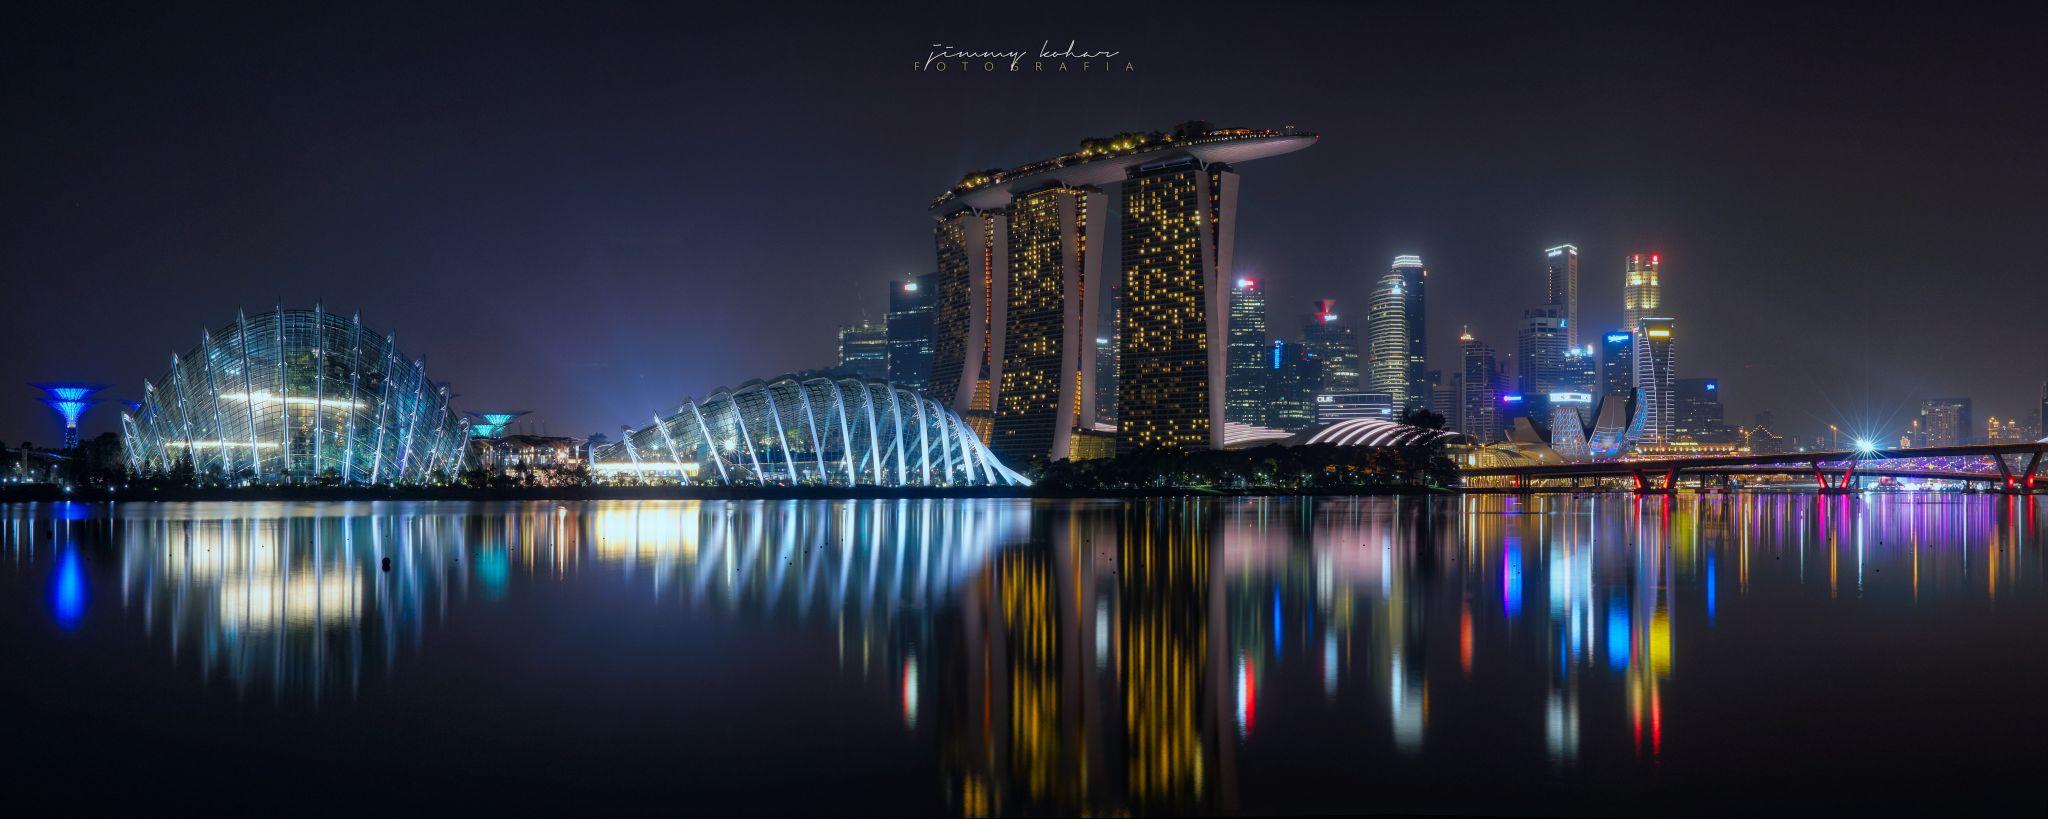 Marina Barrage Singapore, Singapore